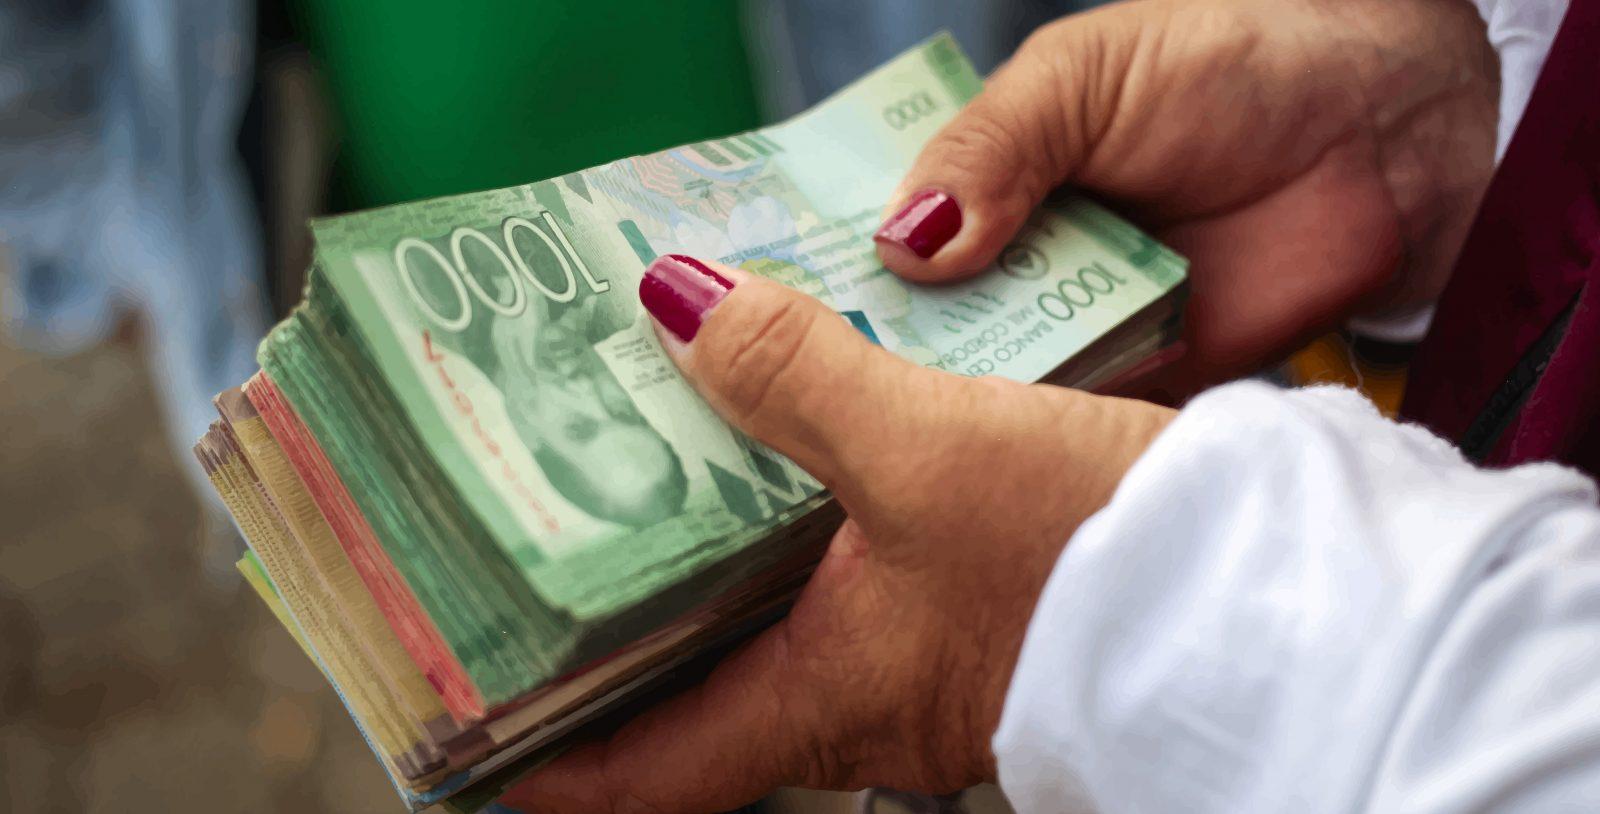 Sujetos enfrentan juicio por robo millonario en acopio de oro Managua. Jerson Dumas/ La Primerísima